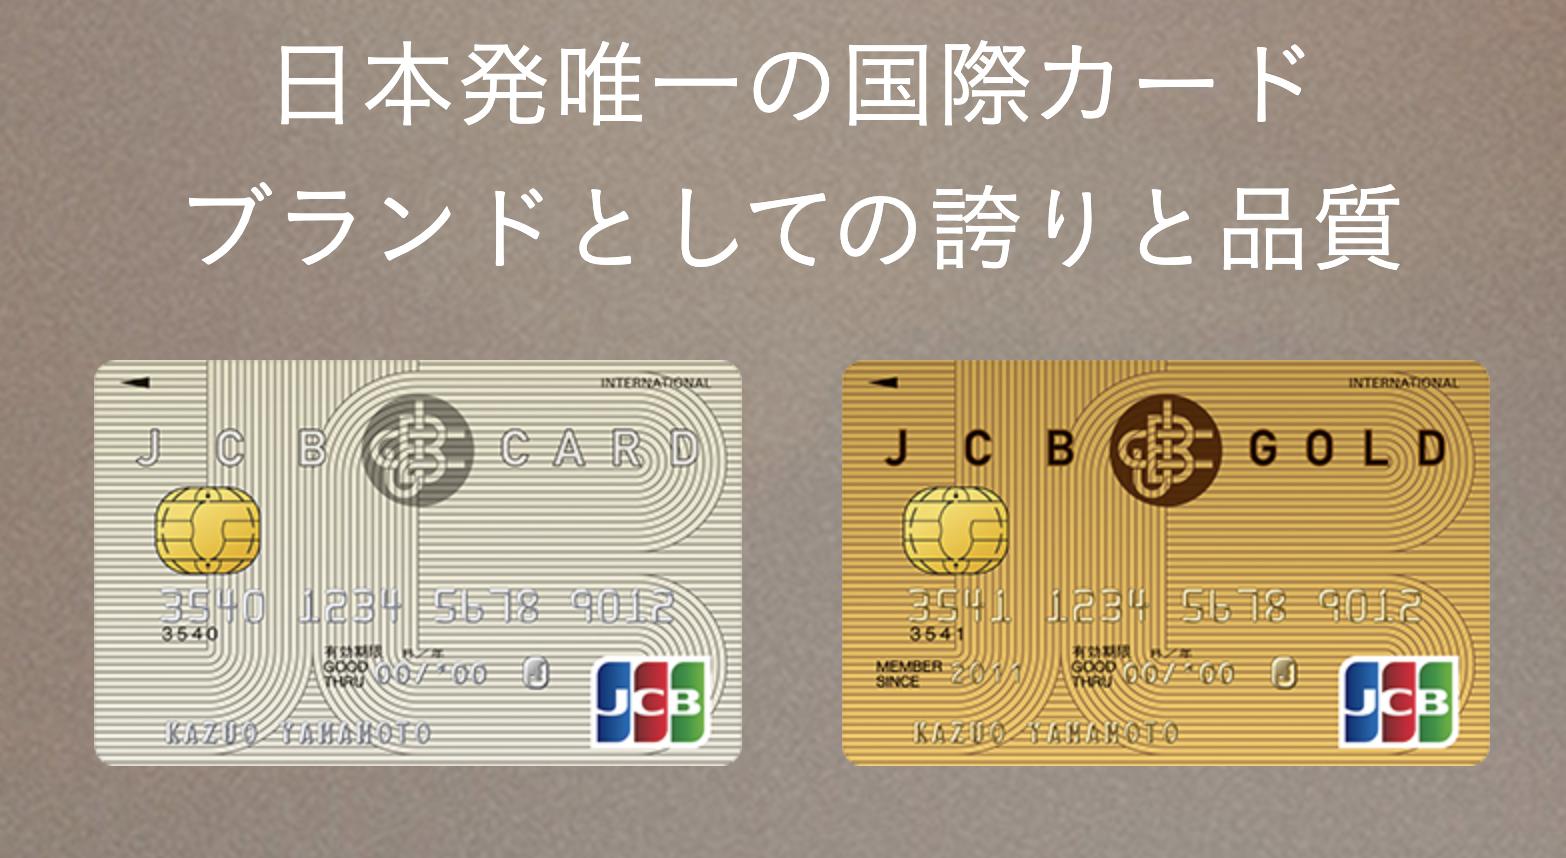 JCBのプロパーカード!一般カードとゴールドカードについて